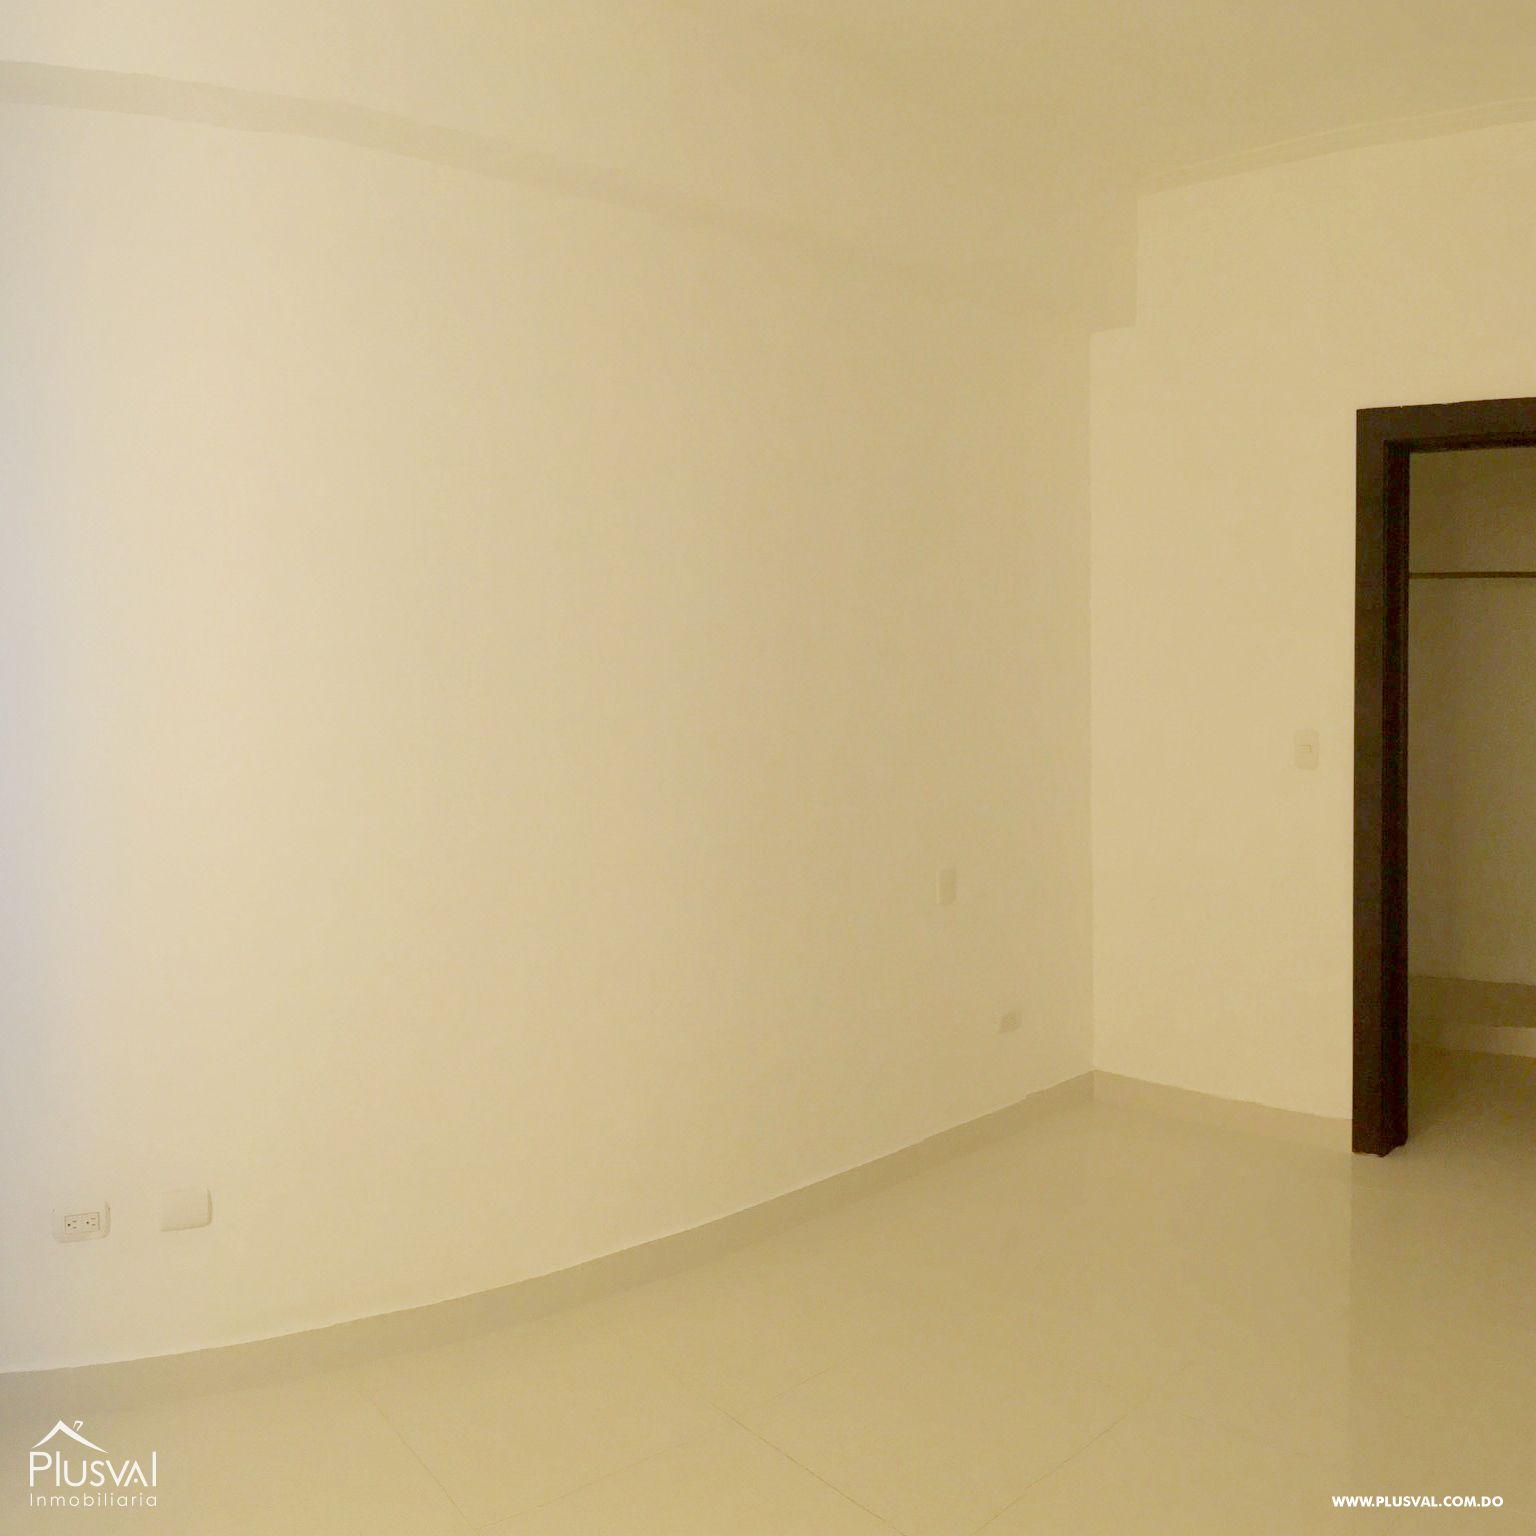 Proyecto residencial en venta, Mirador Norte. 169561